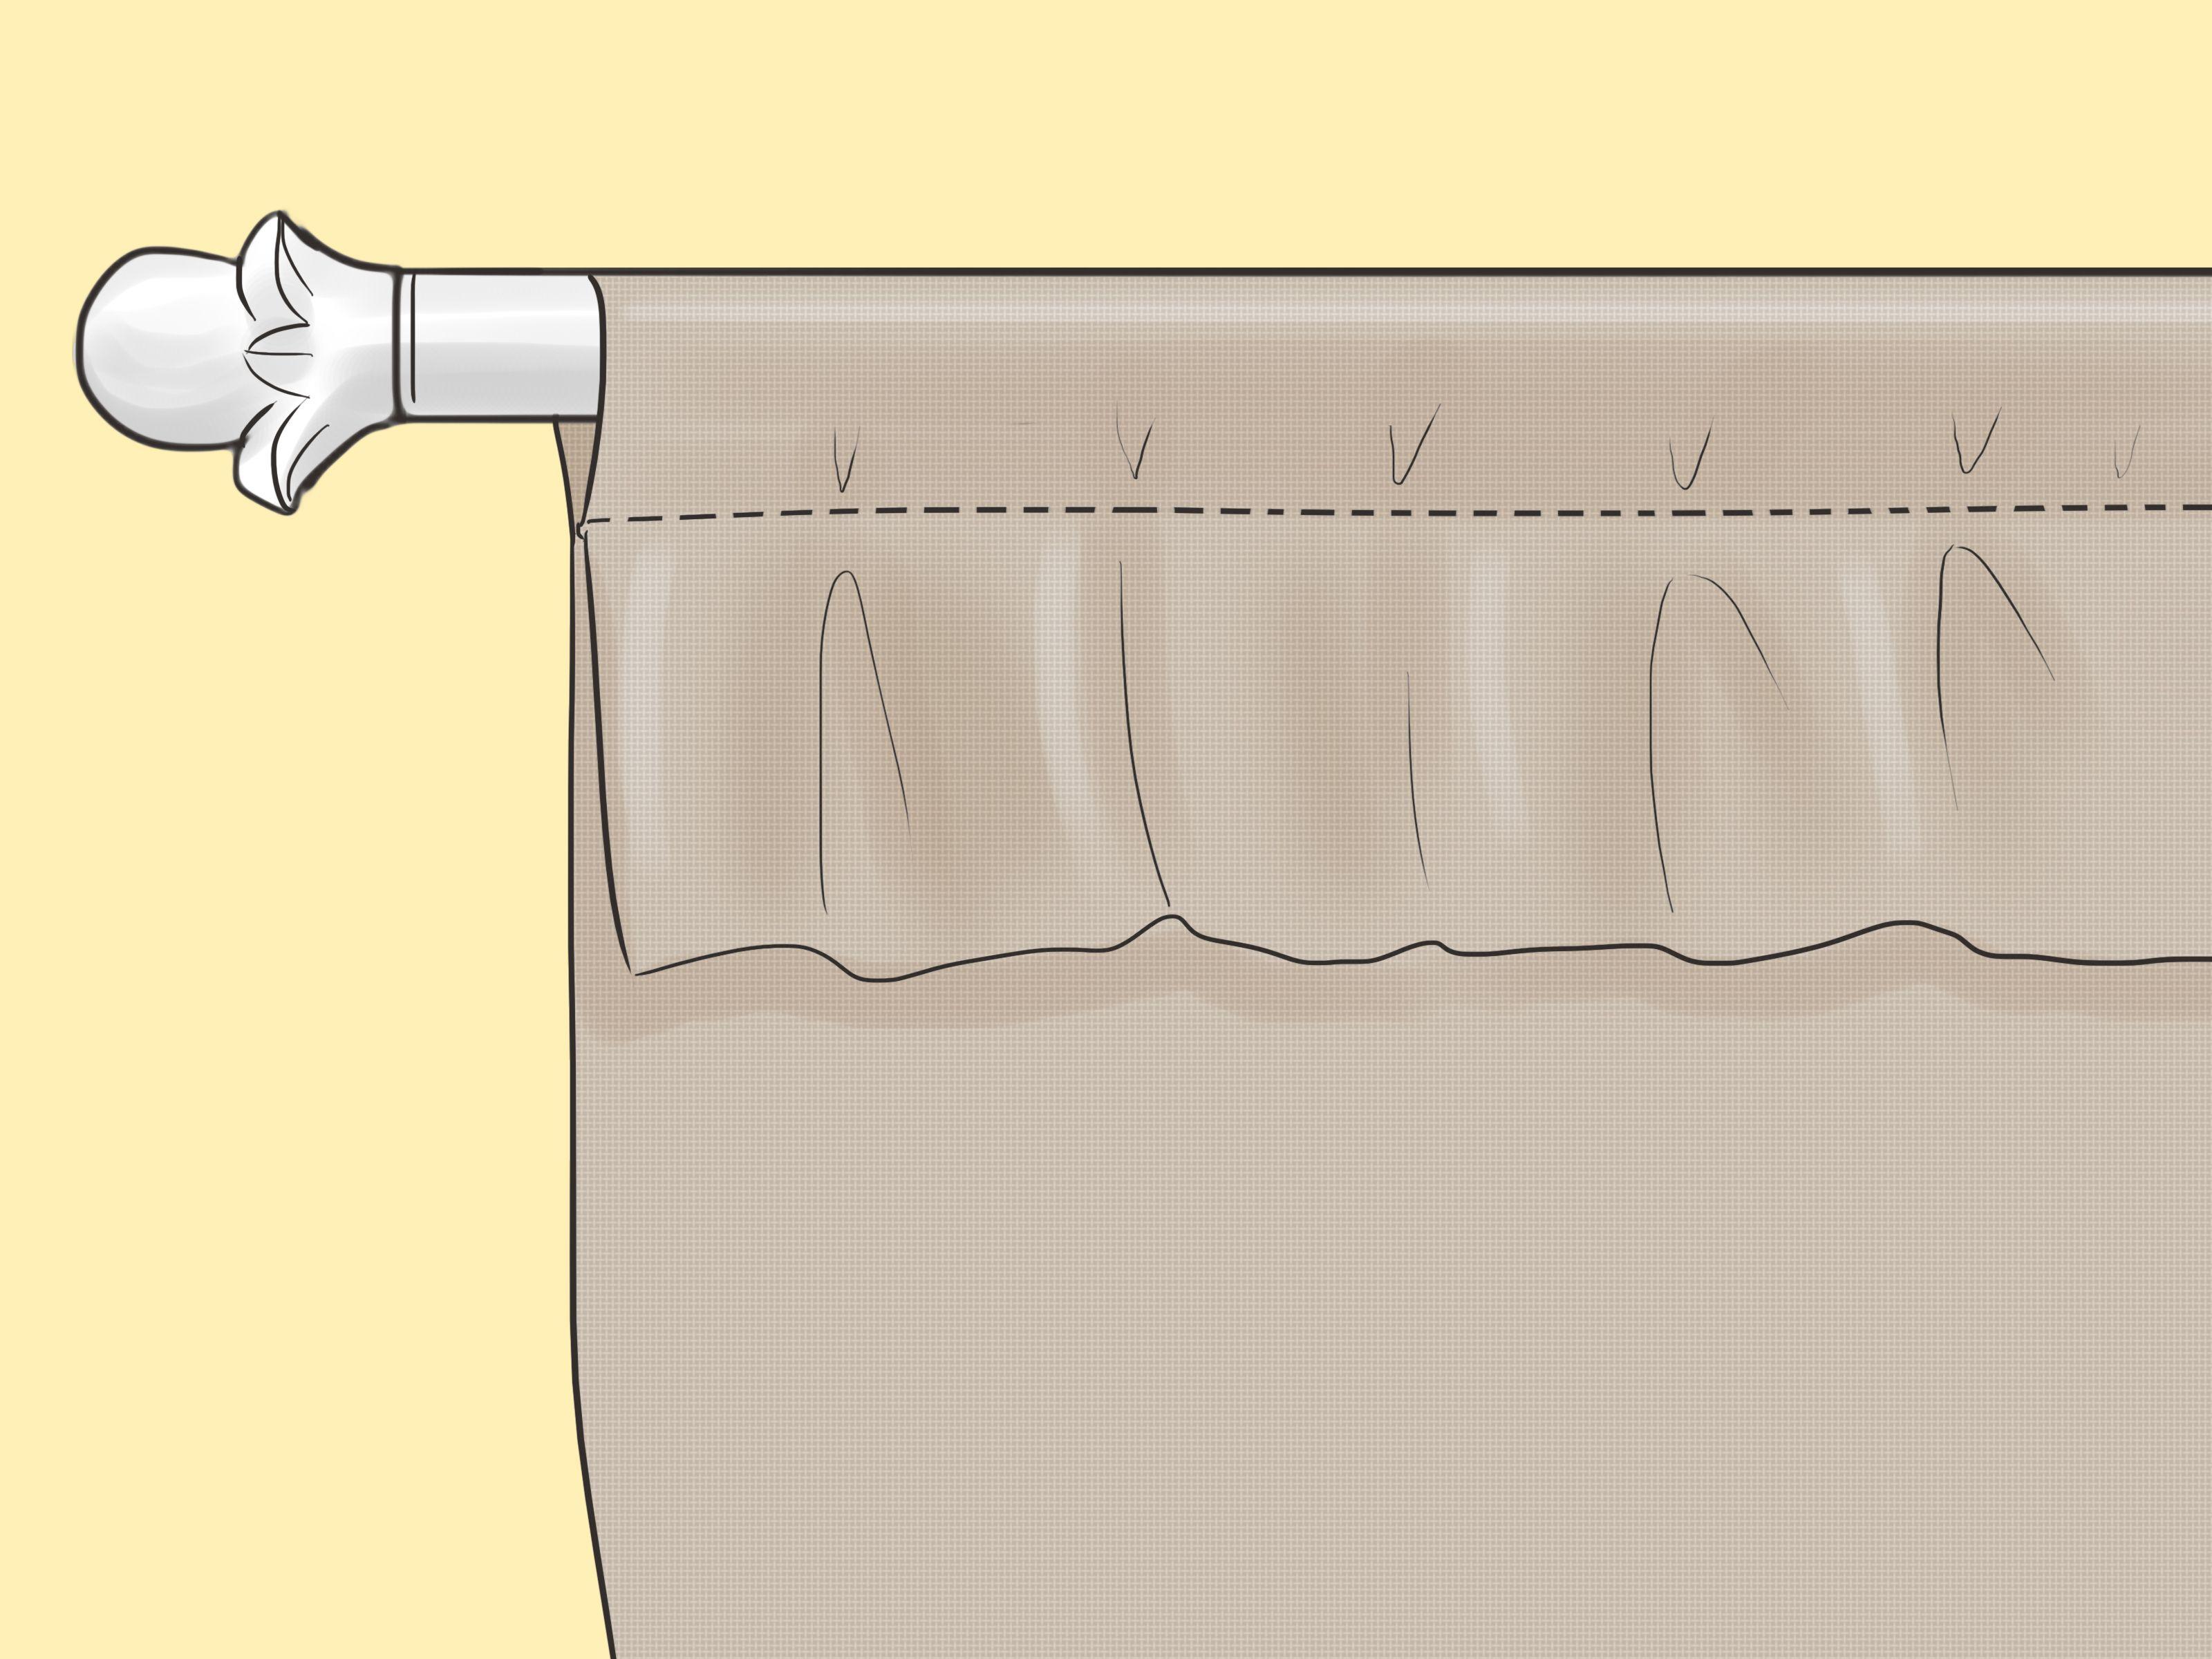 Hacer cortinas hacer cortinas cortinas y metodo - Formas de cortinas ...